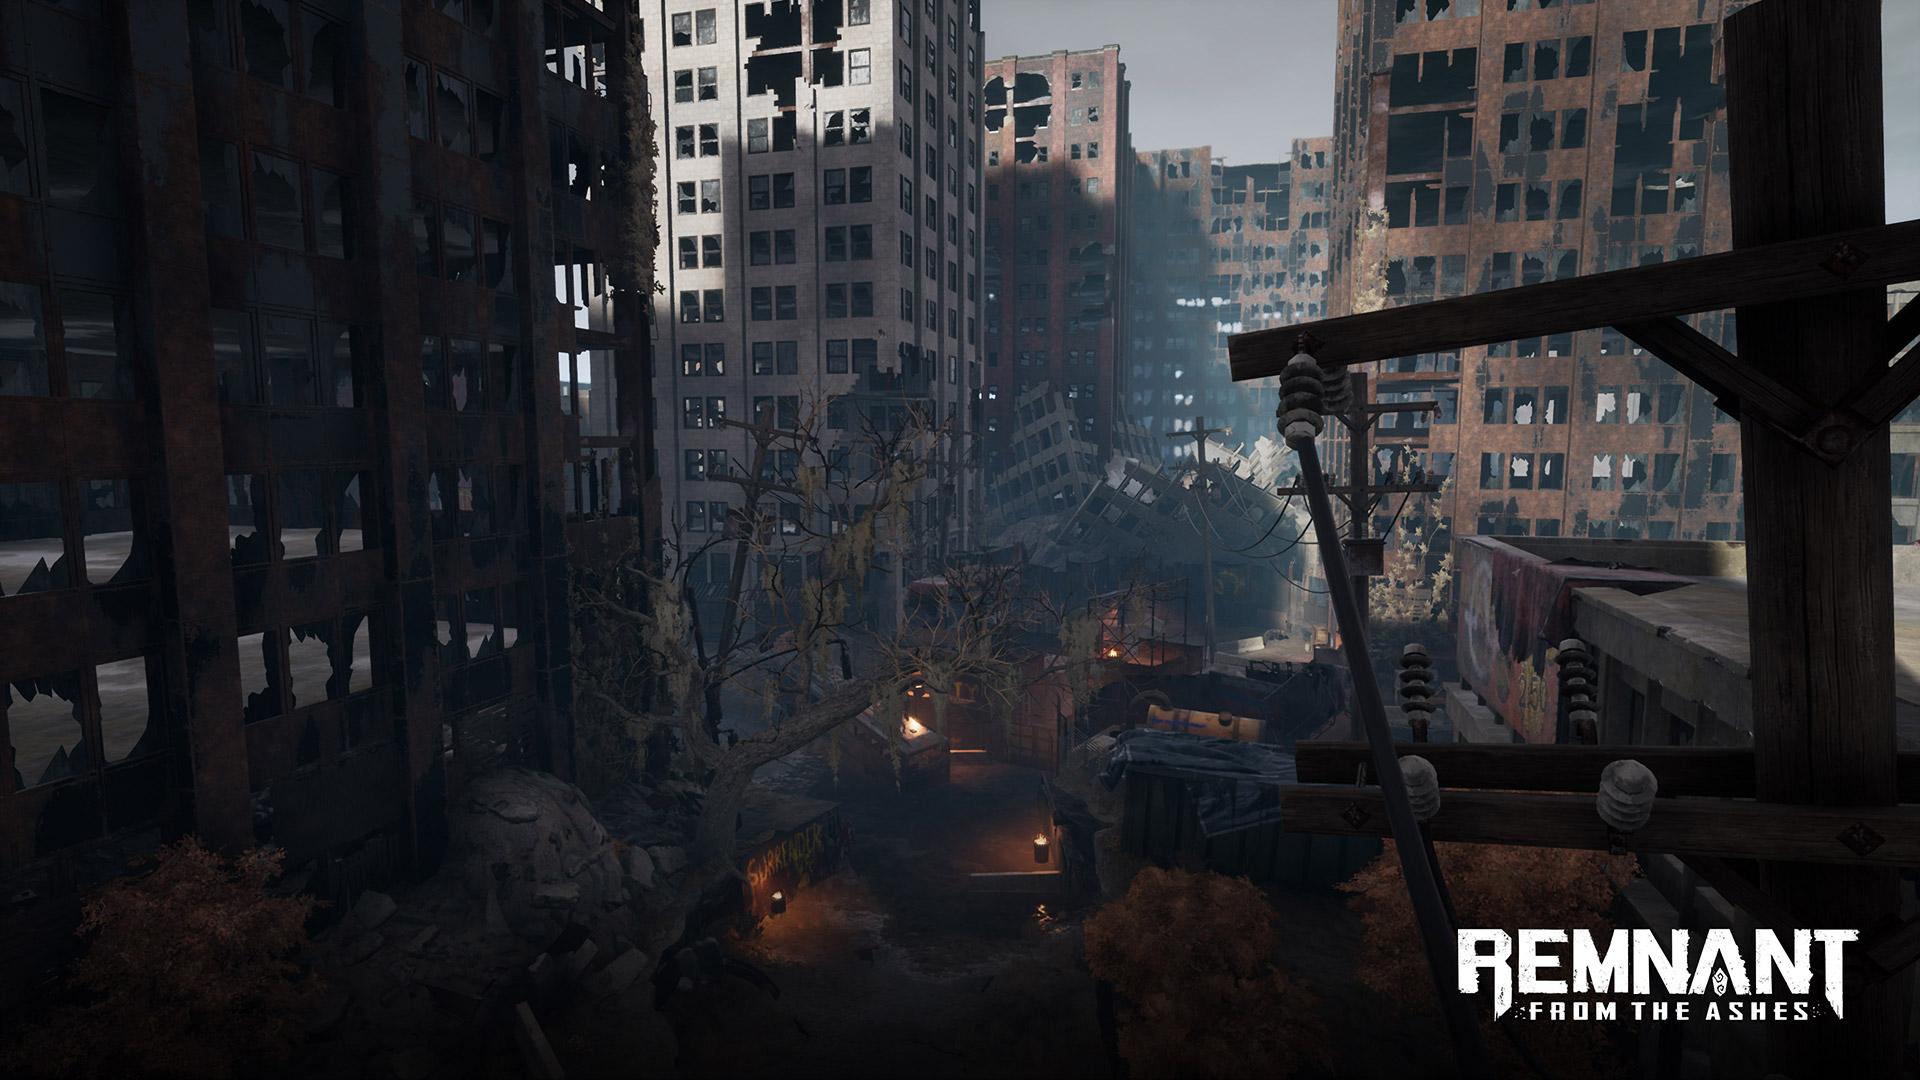 遗迹:灰烬重生游戏图片欣赏